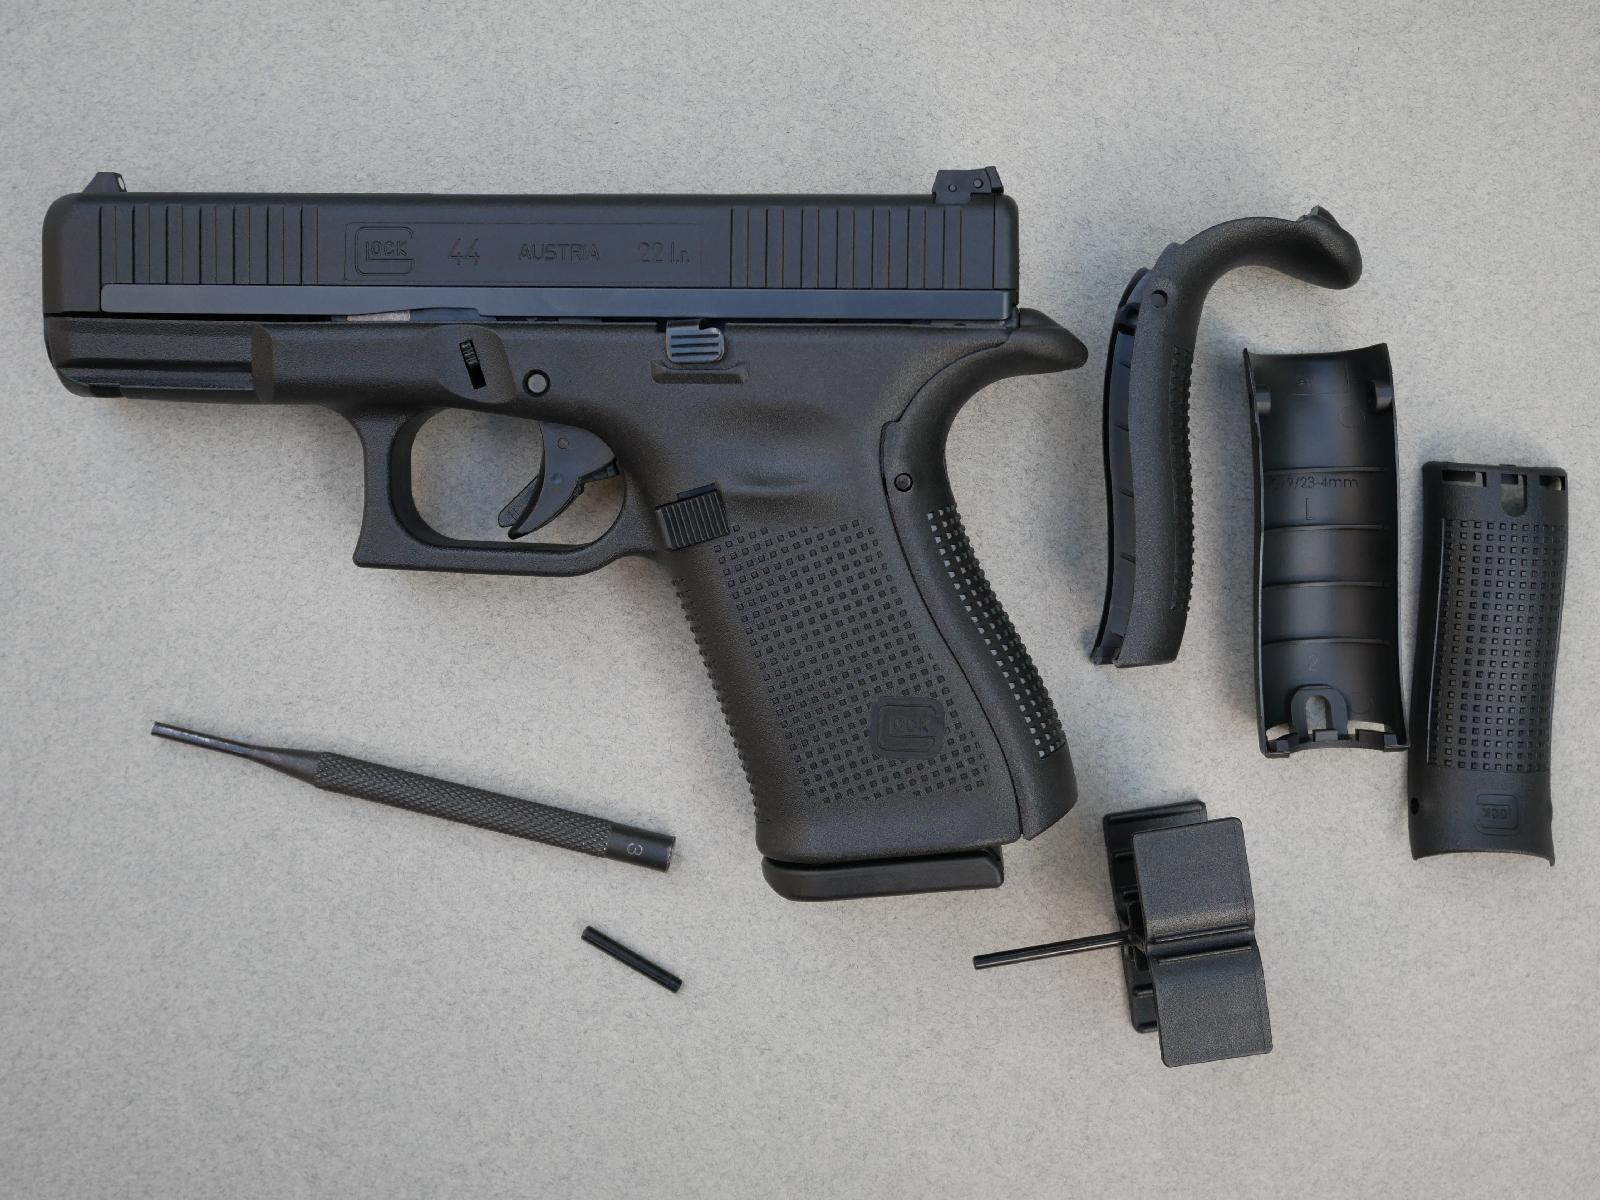 La poignée peut être adaptée à la morphologie de l'utilisateur grâce au dos additionnels livrés avec l'arme. En l'absence de dos, la poignée est en configuration « S » (Small).